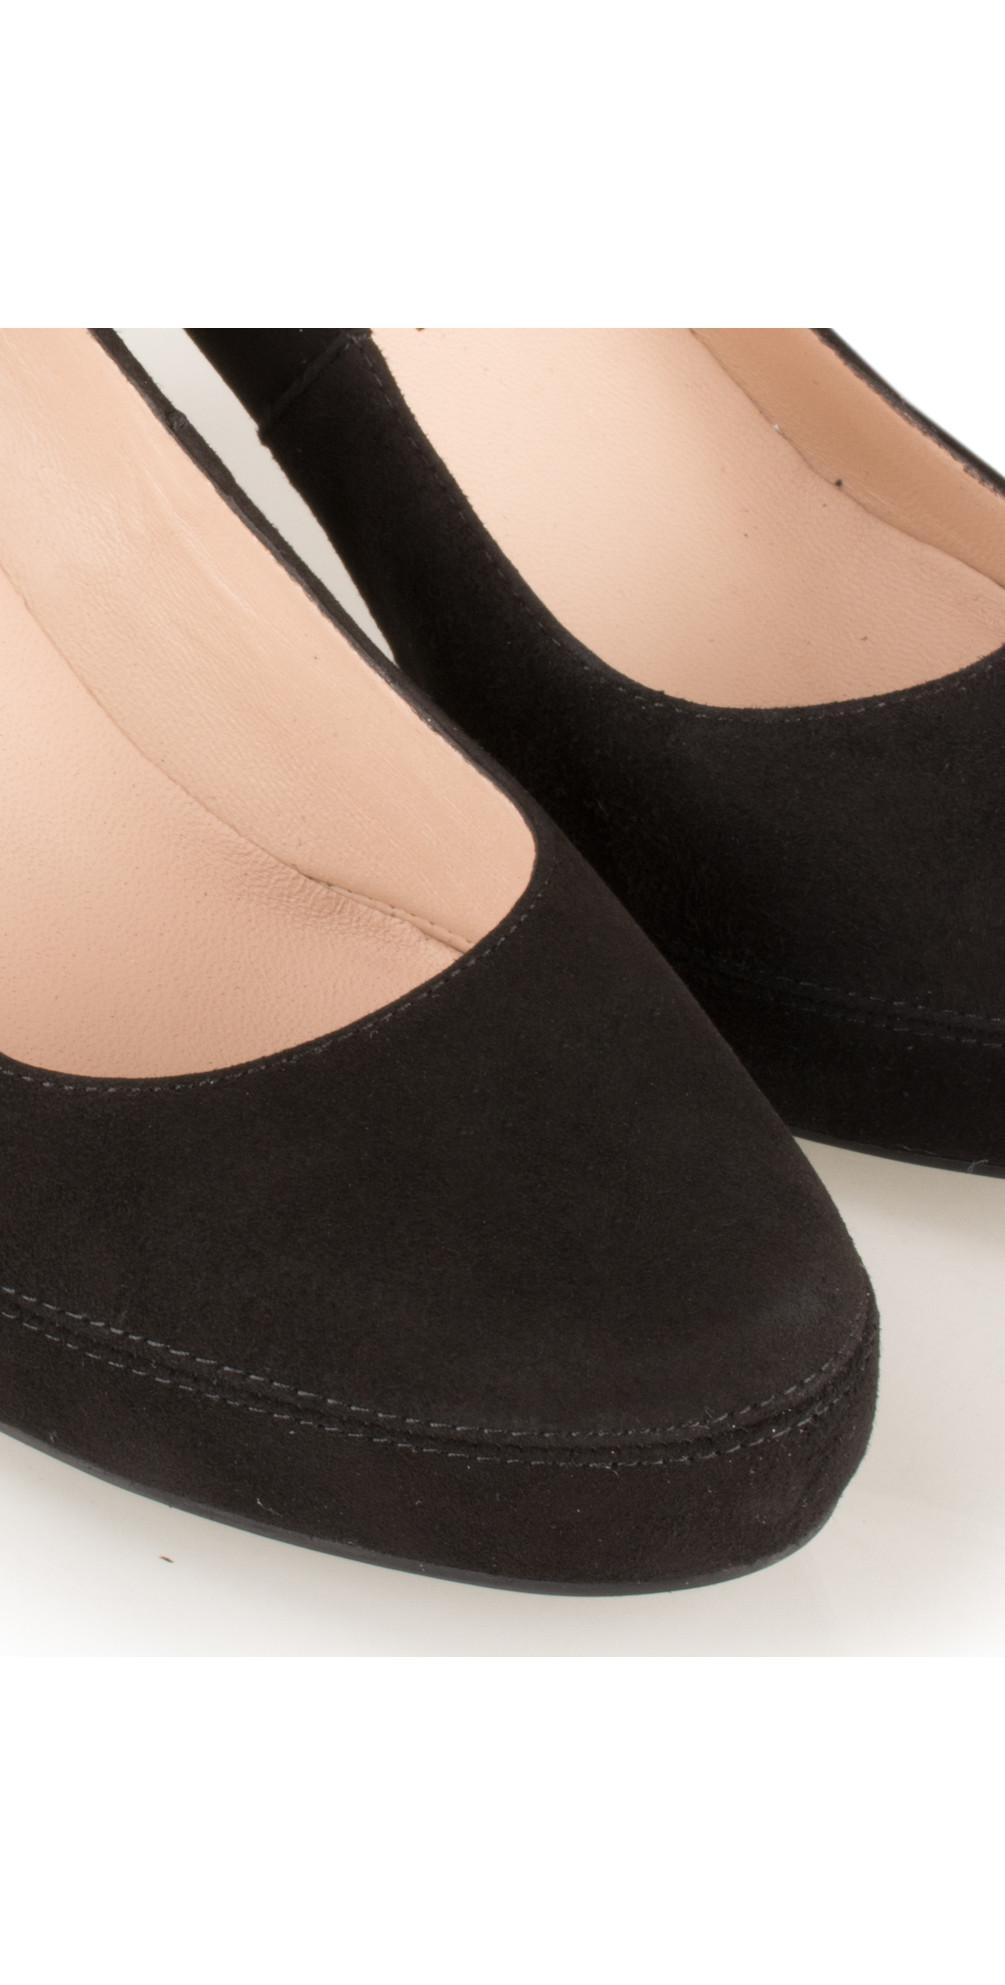 37287ecff8d3 Unisa Shoes Numar Court Shoe in Black